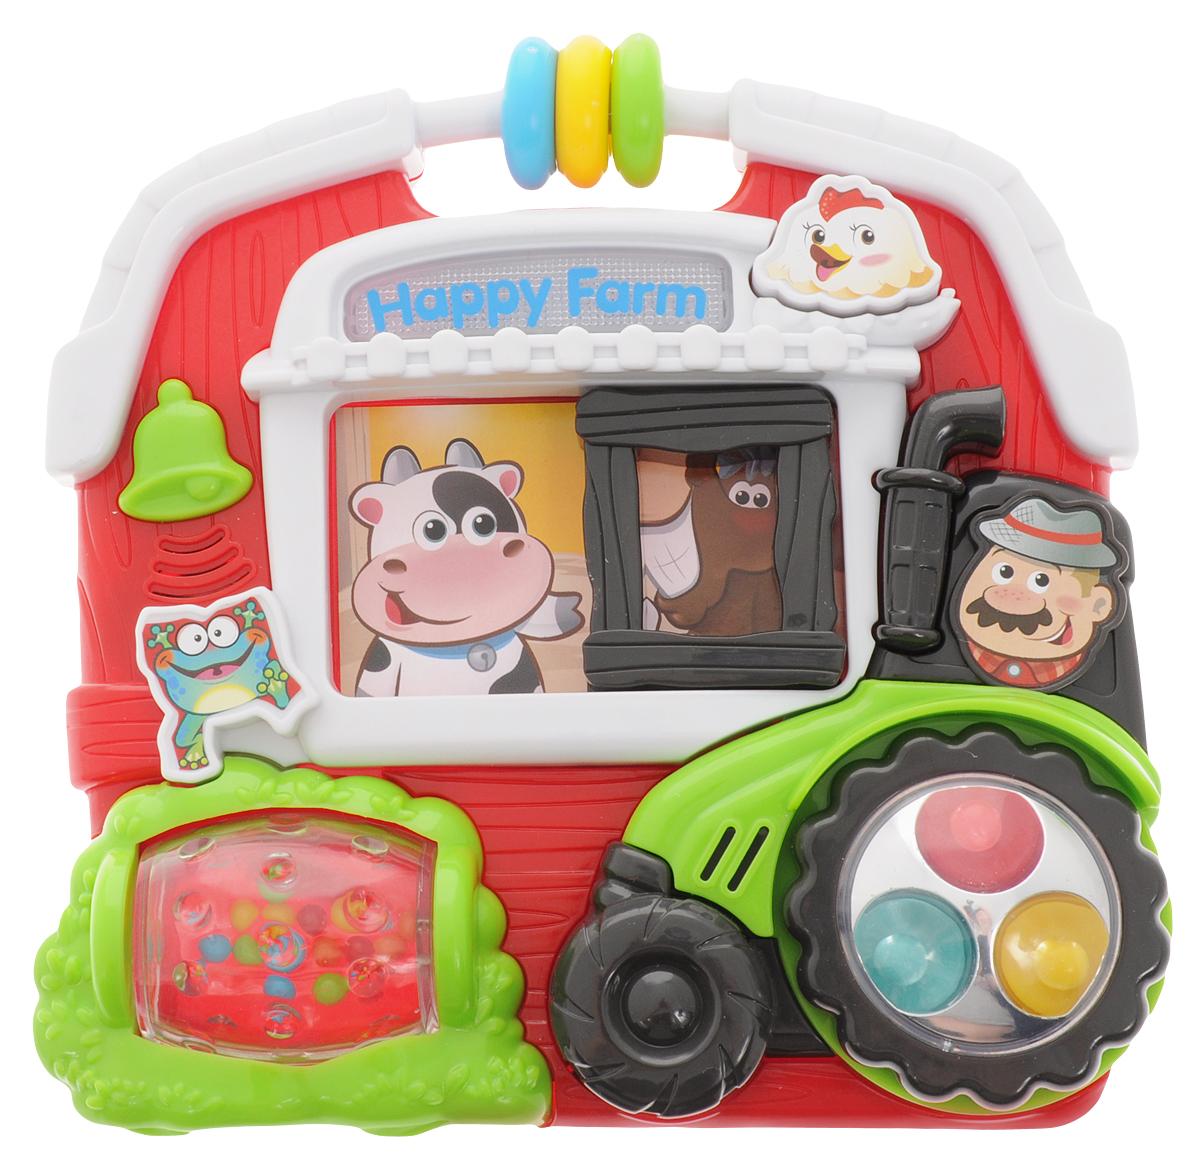 Playgo Развивающая игрушка Маленькая фермаPlay 1002Развивающая игрушка Playgo Маленькая ферма станет прекрасным подарком для крохи. Курочка, коровка, лошадка, лягушка и веселый фермер занимаются своими обычными делами, малыш сможет им помочь в этом непростом деле. Колесики трактора крутятся, а нажимая на кнопочки, малыш услышит различные звуки. Игрушка также оснащена световыми эффектами. Кроме того, у игрушки имеется крутящийся барабан и двигающиеся цветные колечки. Изготовленная из качественного пластика, яркая игрушка поможет развить тактильные ощущения, звуковое восприятие, воображение, световое восприятие и моторику ручек. Небольшой размер позволит брать веселую игрушку на прогулку или в поездку. Рекомендуется докупить 2 батарейки напряжением 1,5V типа АА (товар комплектуется демонстрационными).